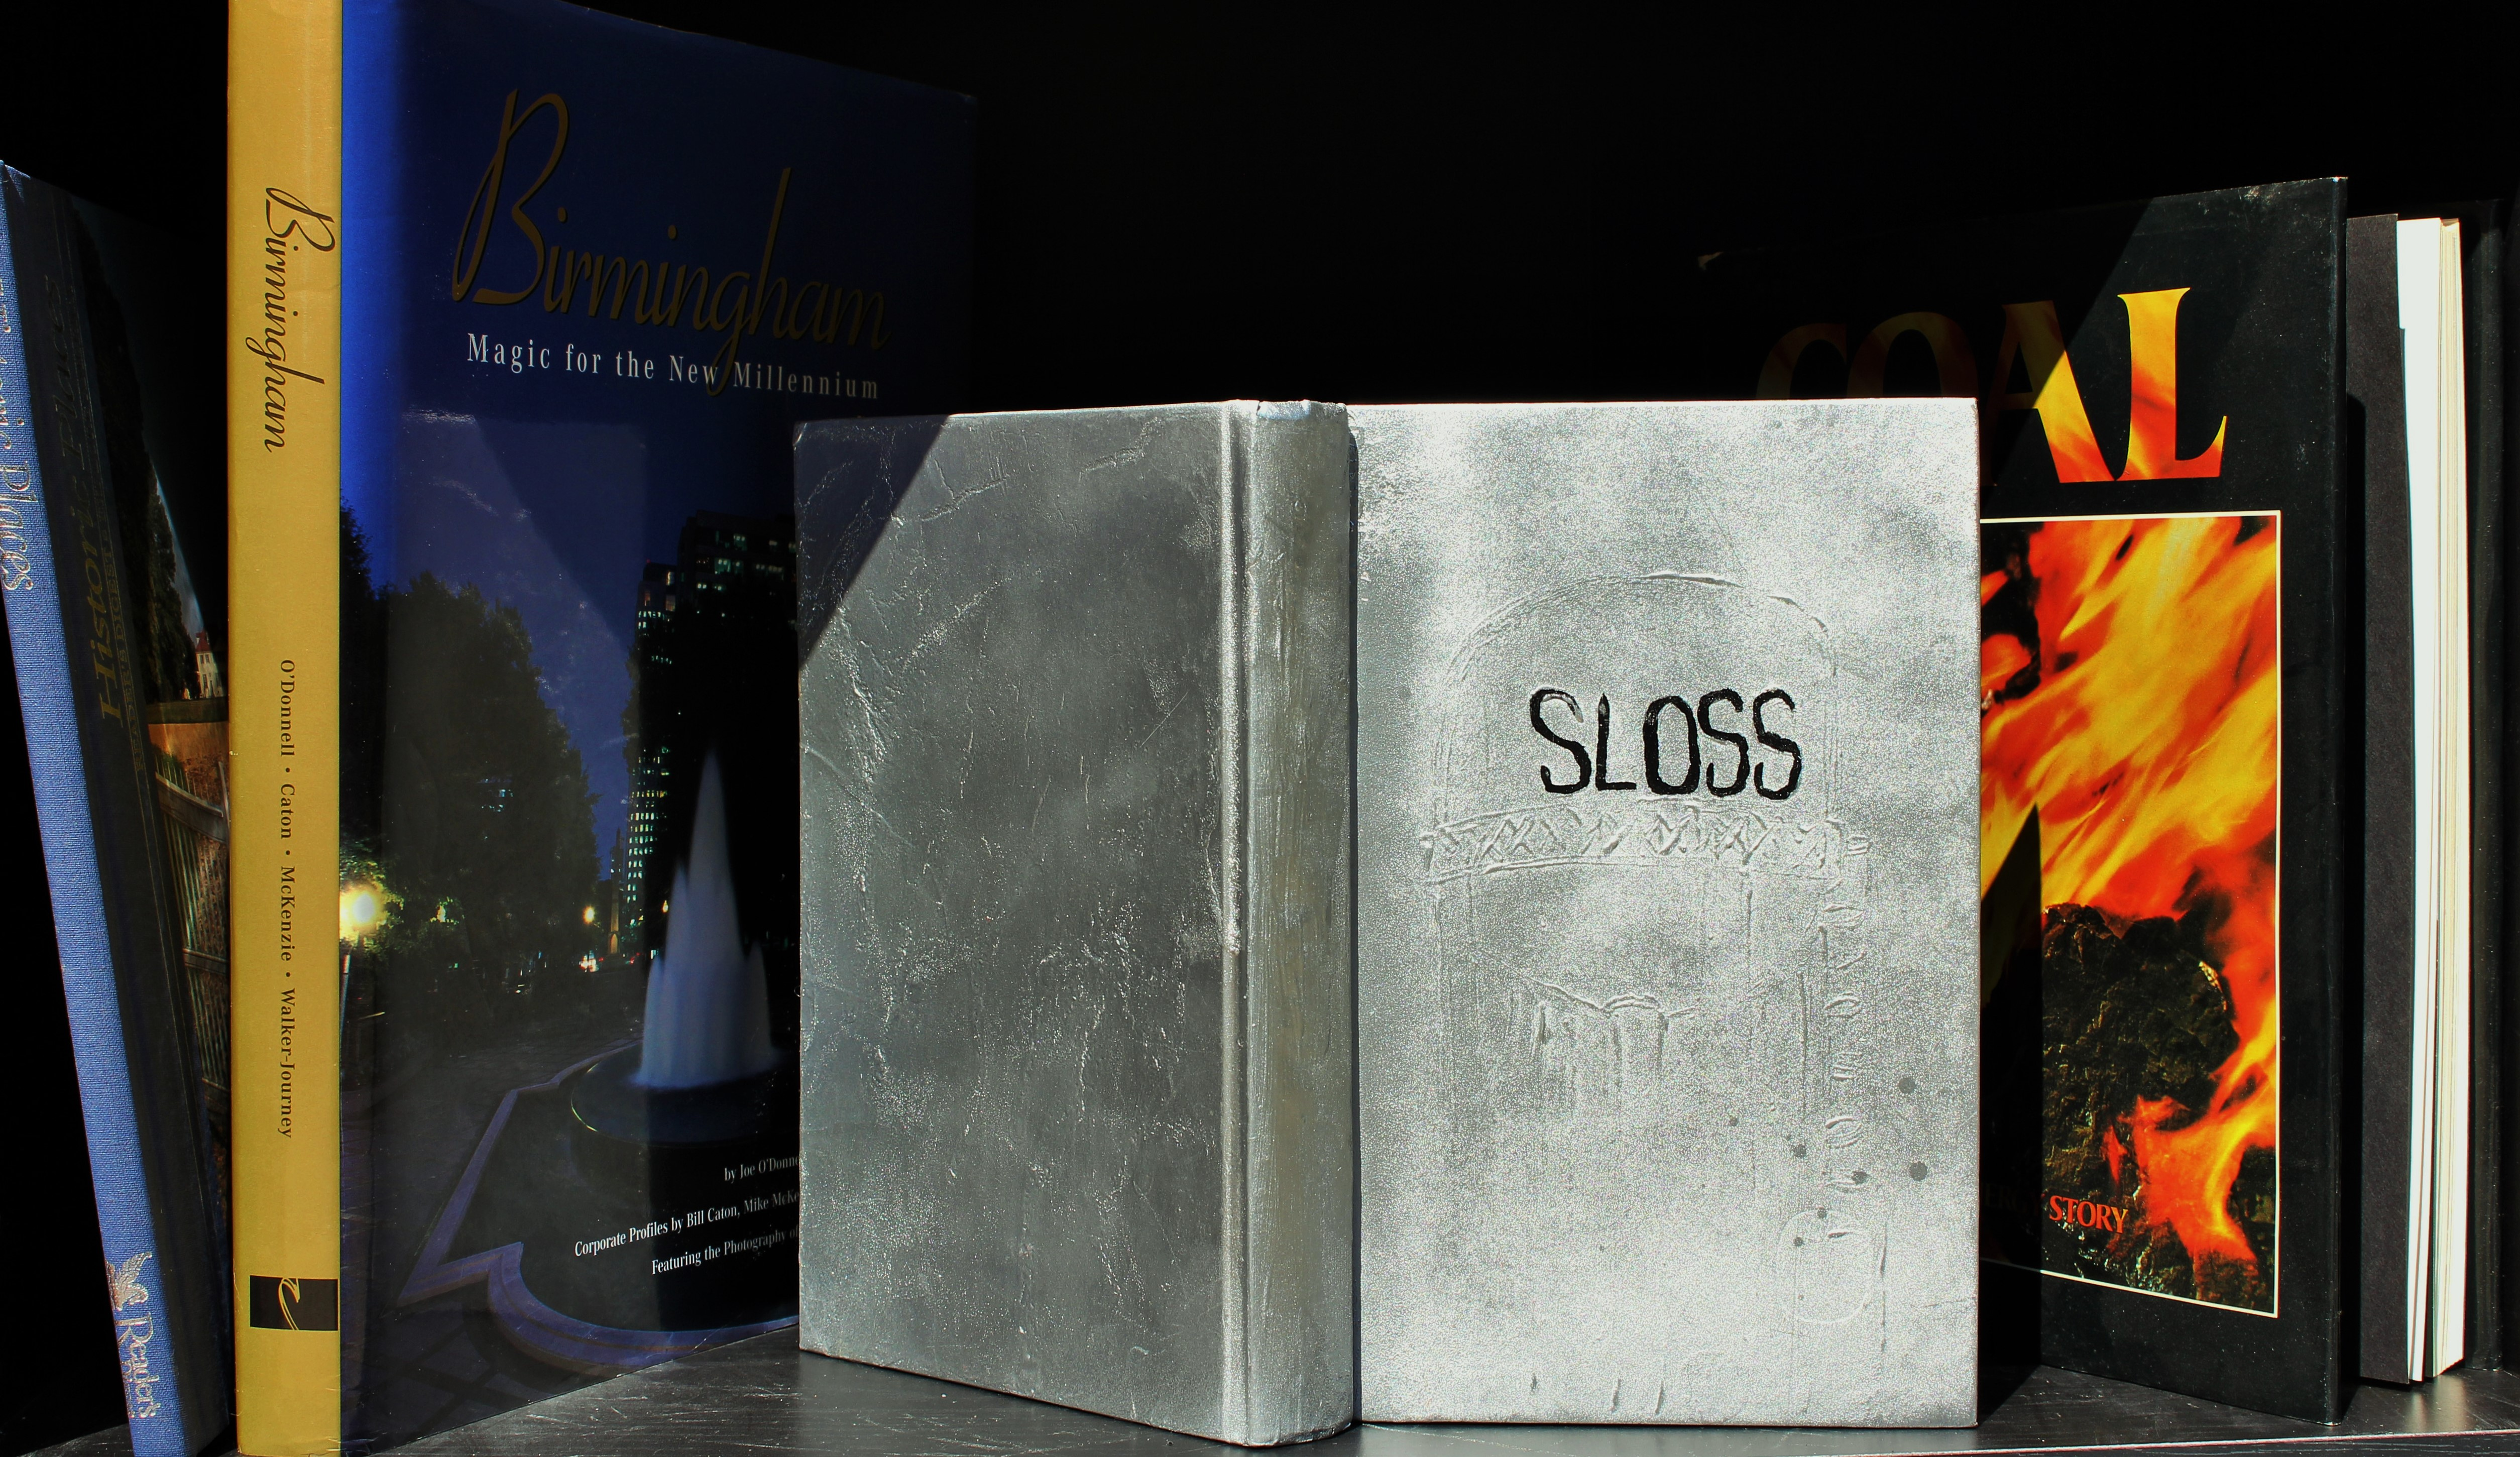 Sloss